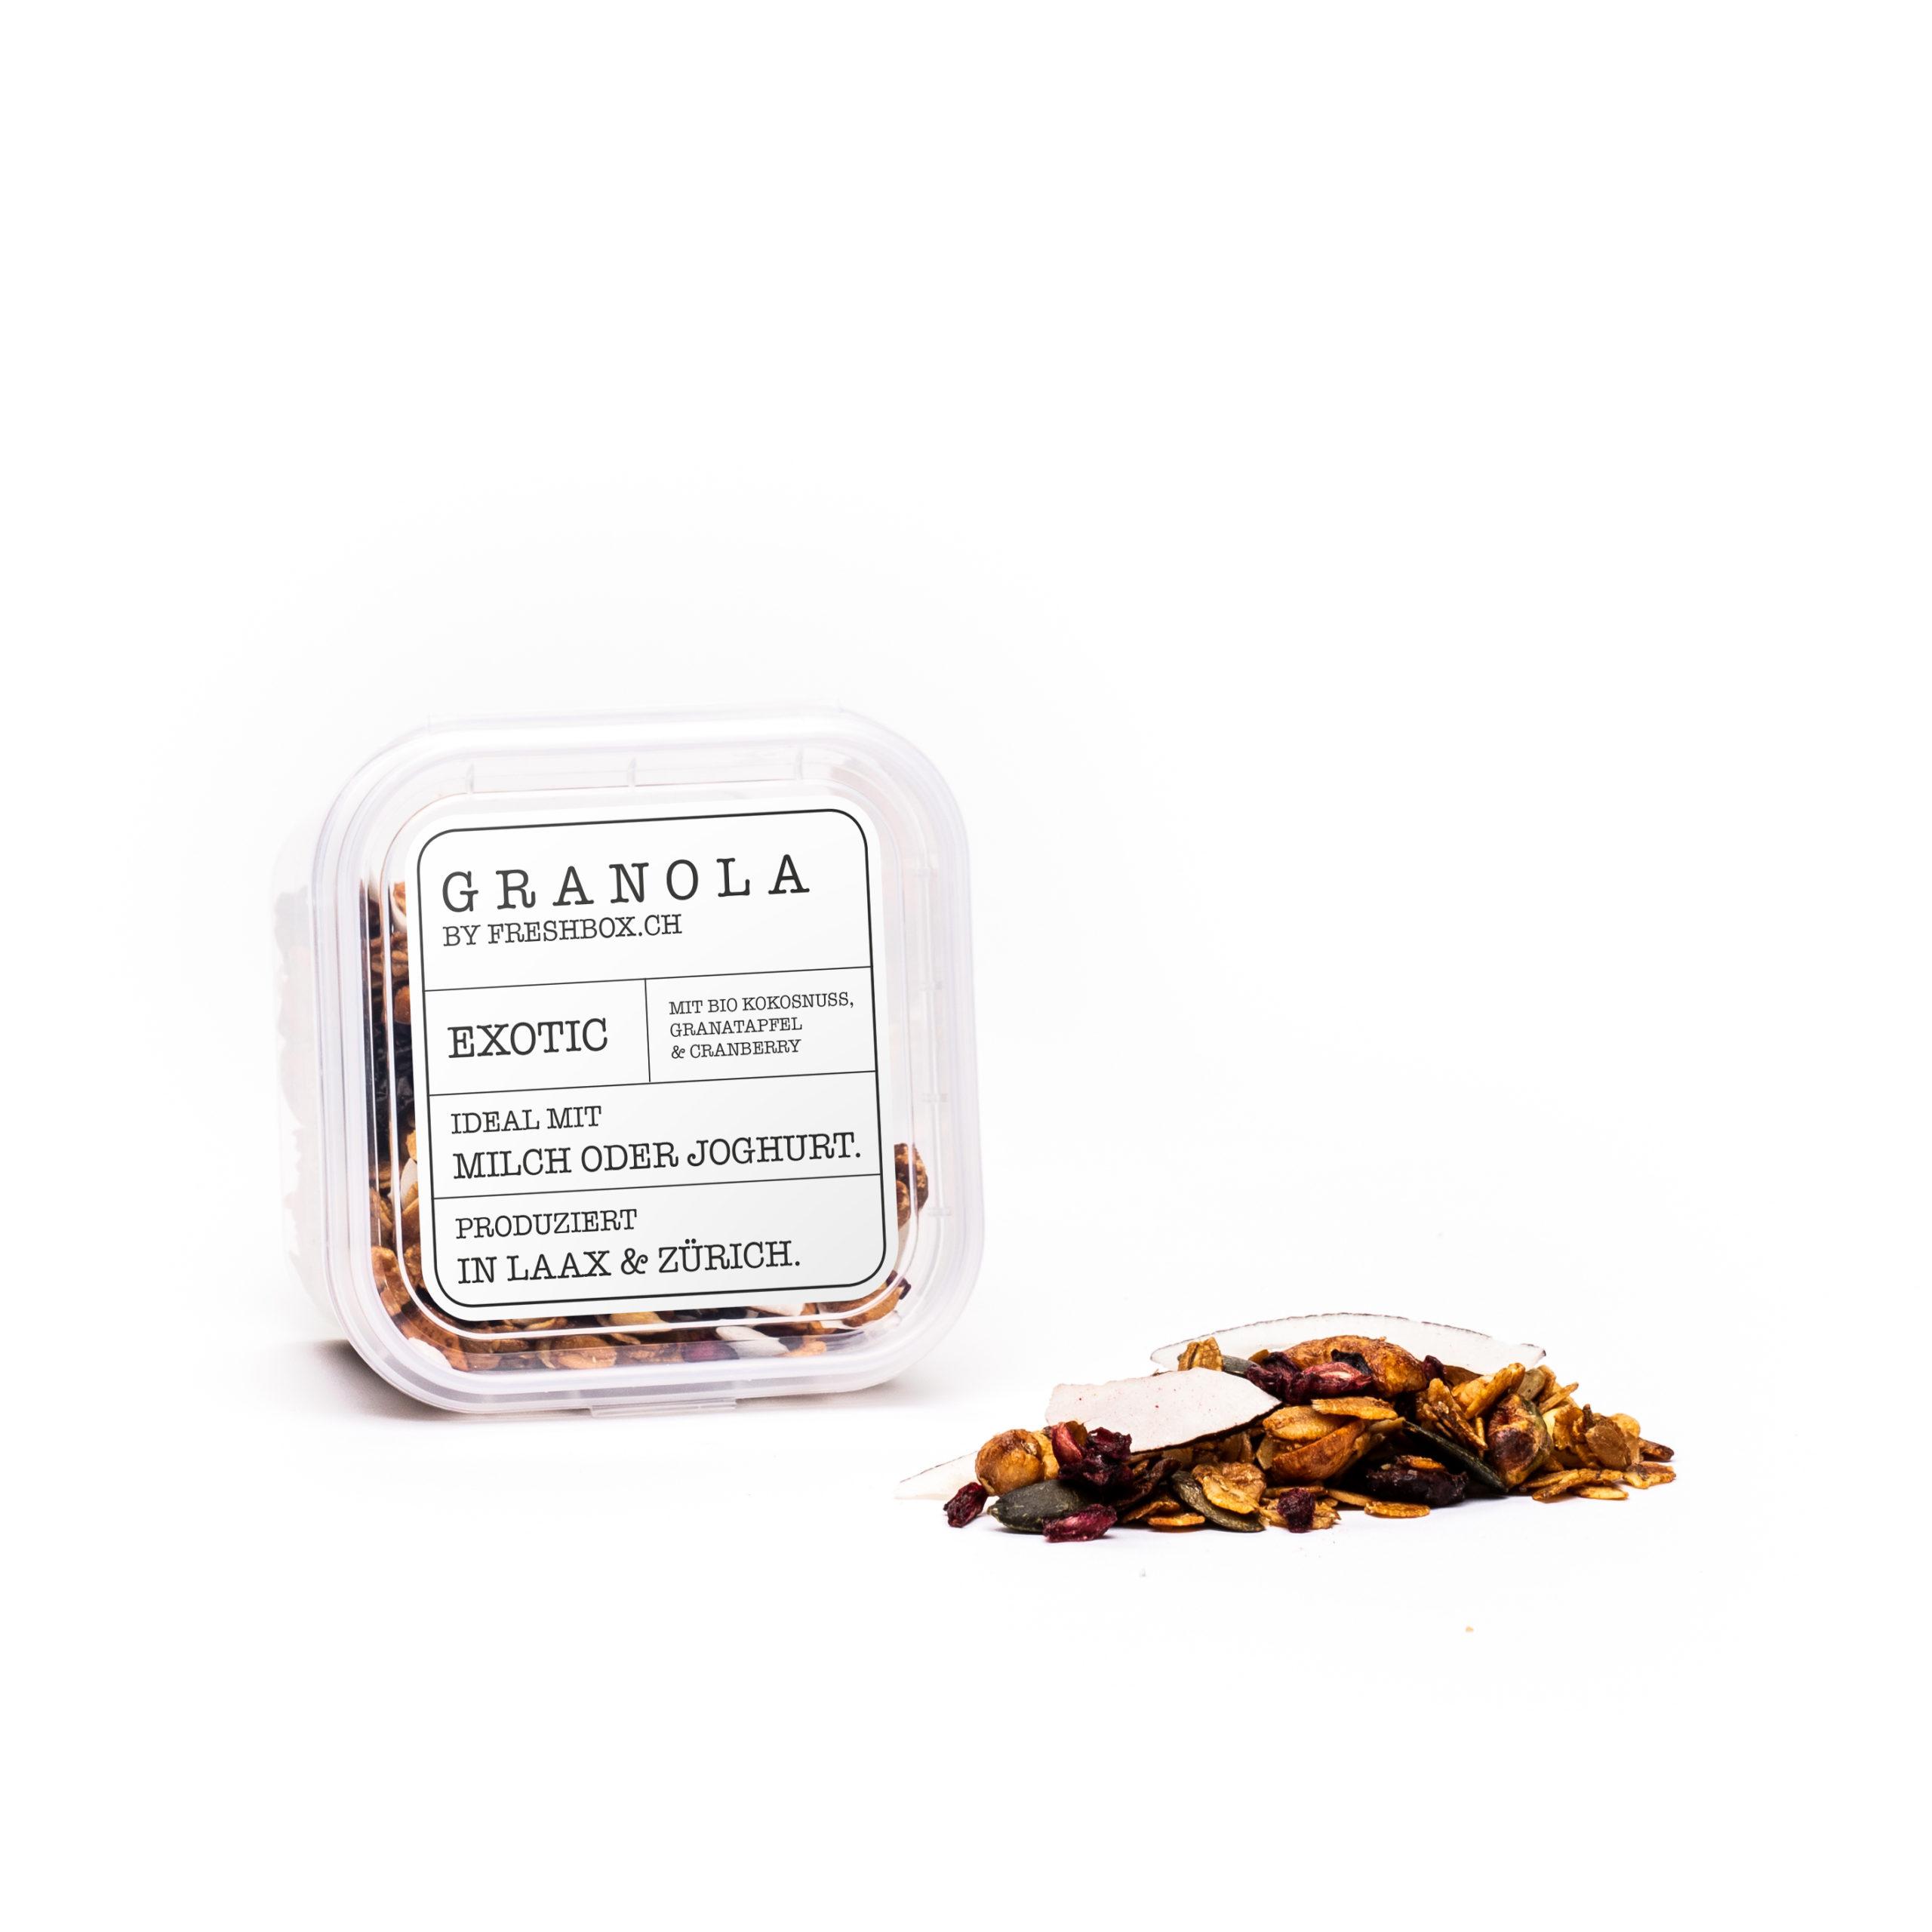 Granola Exotic